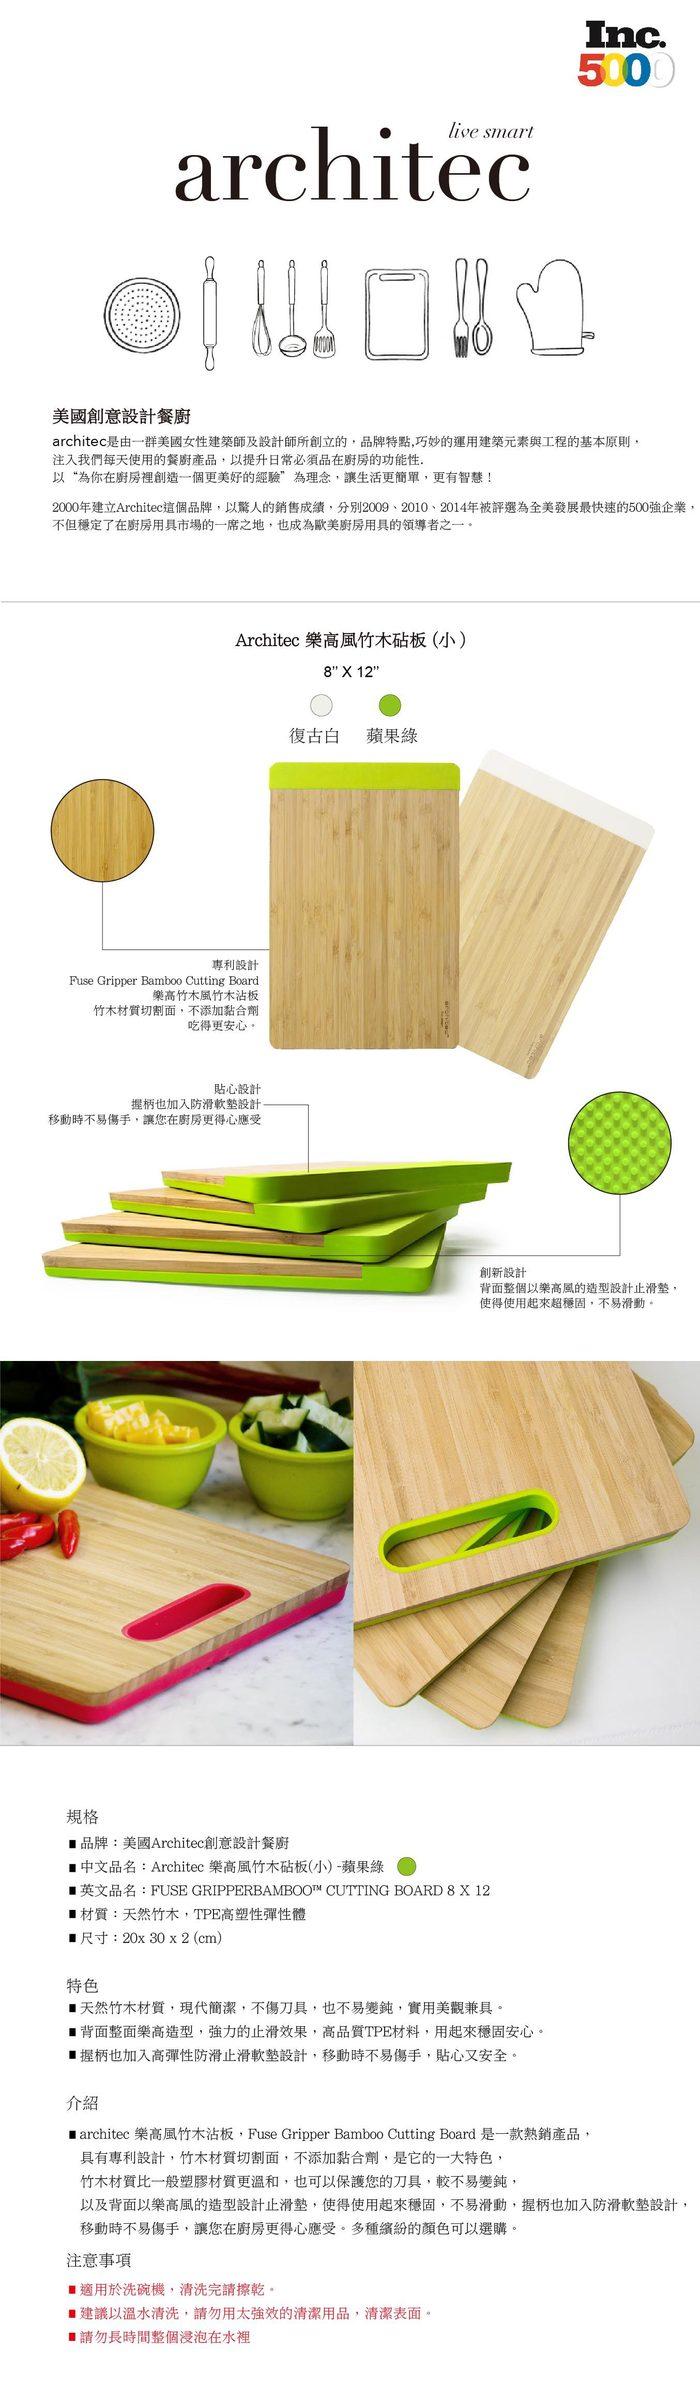 (複製)Architec|樂高竹木砧板-大-繽紛紅